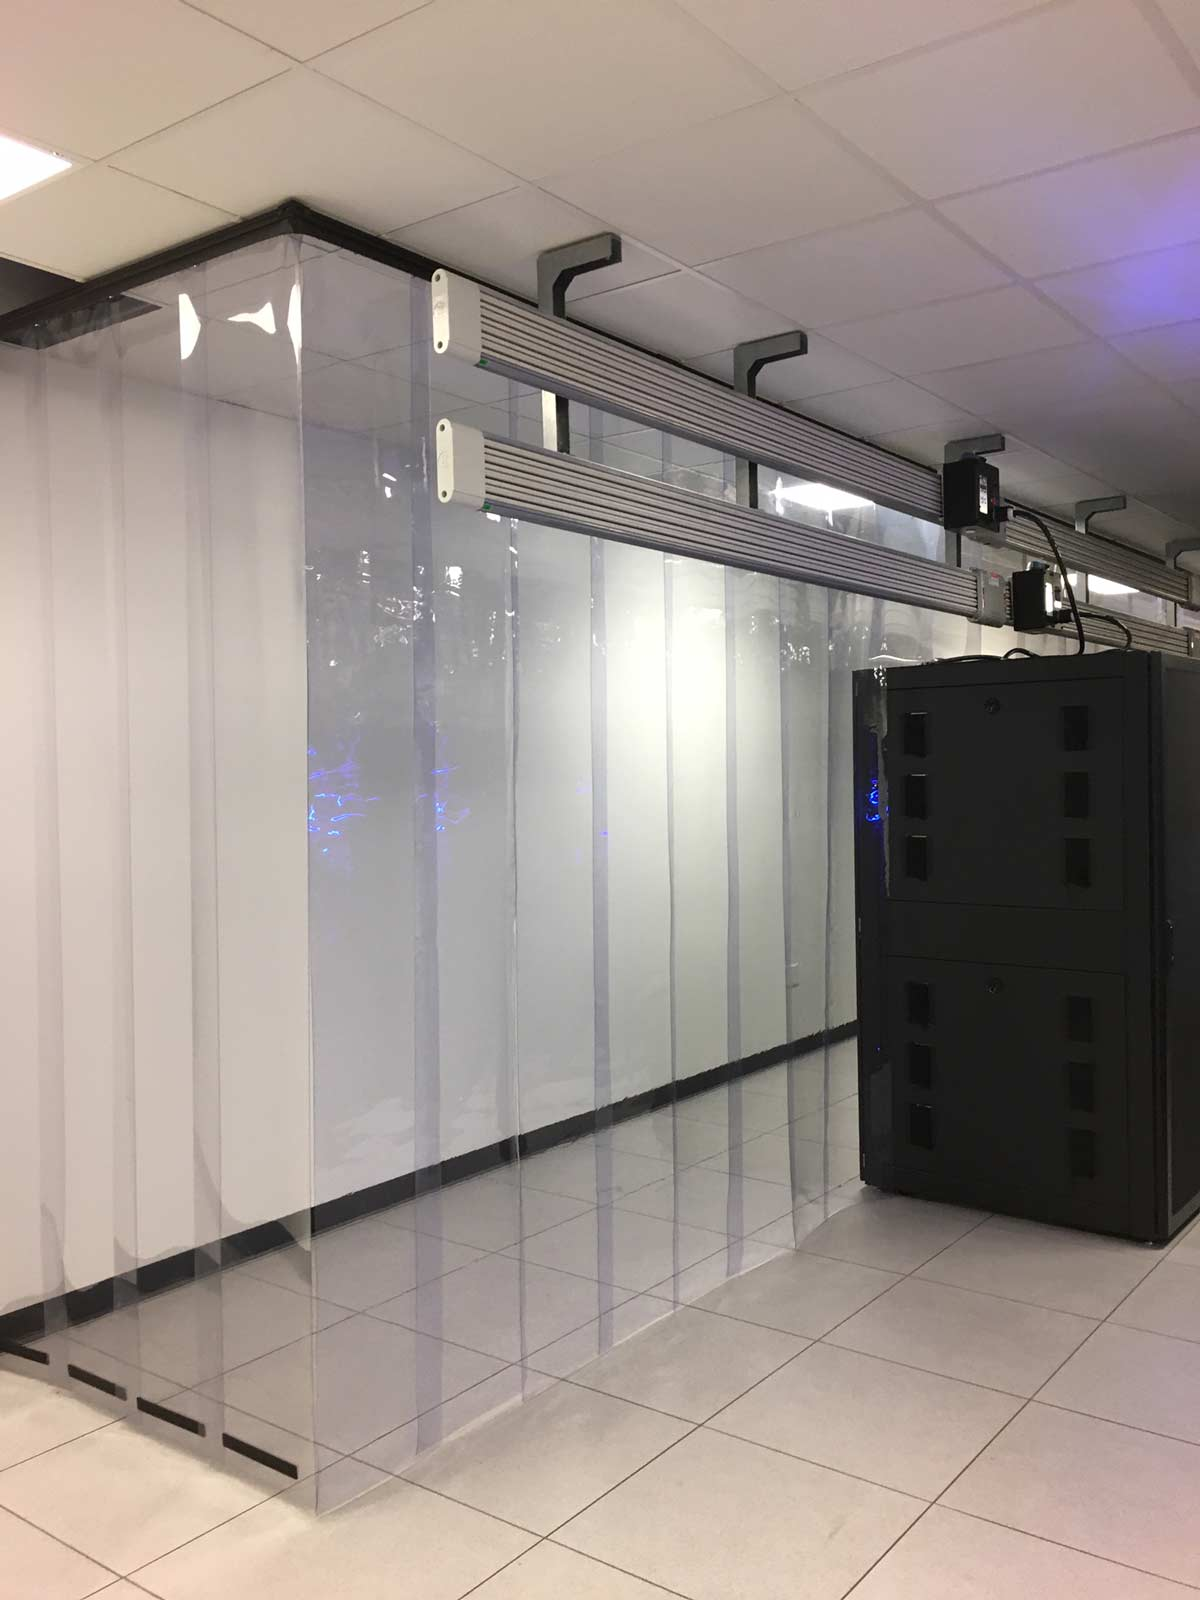 Aisle Containment E84 Strip Curtains 2 - Why Do I Need Aisle Containment Curtains? | Cool Shield